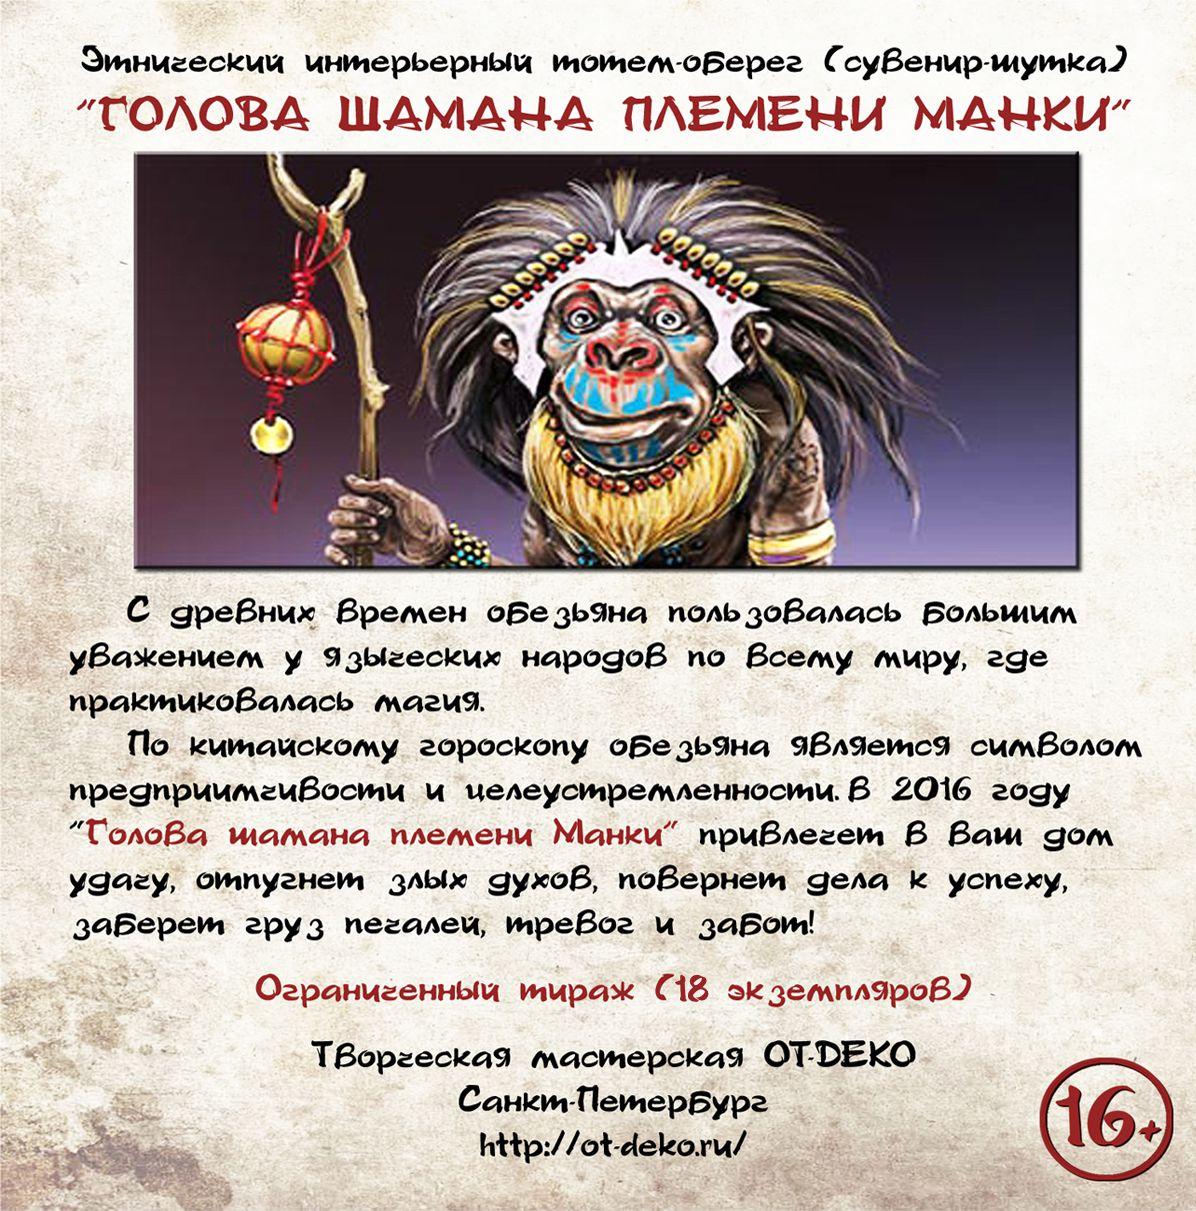 обезьяна подарок тотем оберег новогодний сувенир шаман образ мистический маска